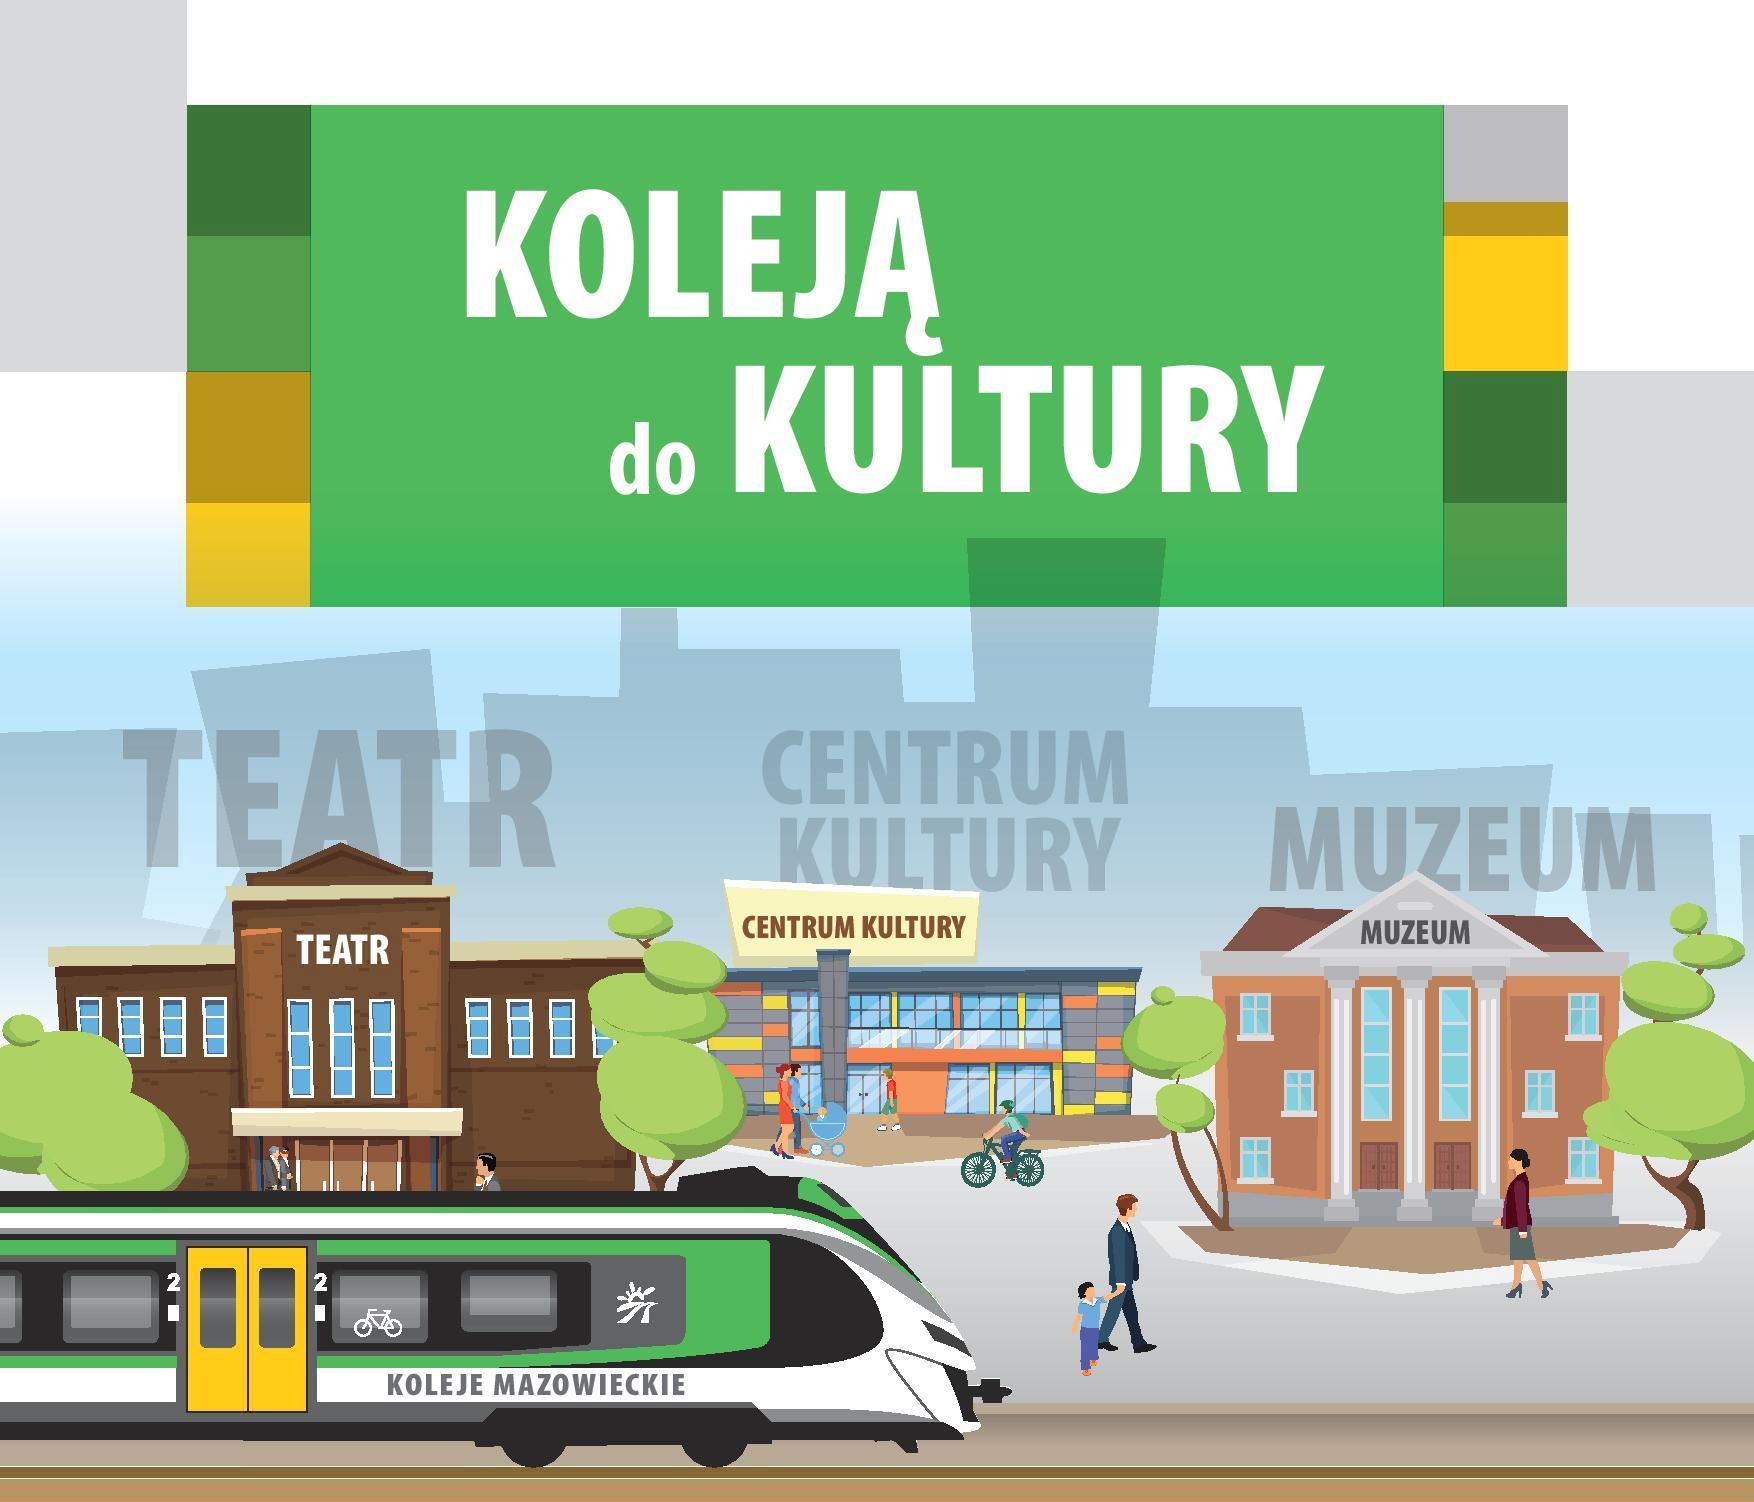 """Grafik akcji """"Koleją do kultury"""". Na niej: pociąg, budynek teatry, centrum kultury oraz muzeum. Lementy graficzne wielokolorowe. Na górze grafiki napis z nawą akazji. Białe liternictwa na i zielonym tle."""